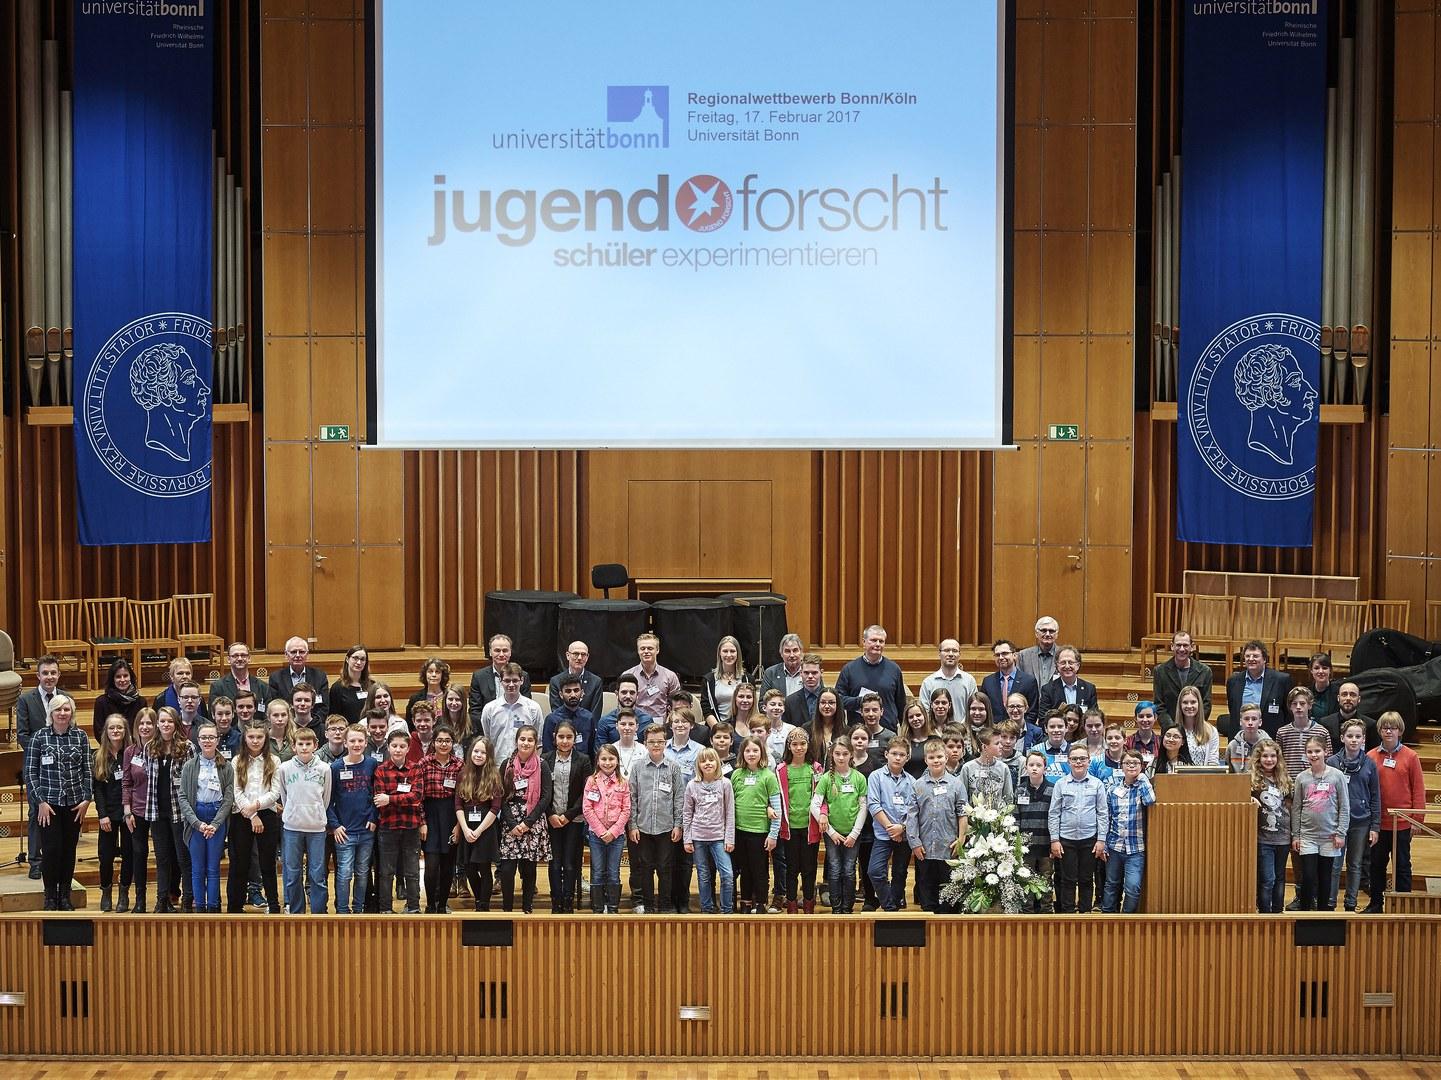 Regionalwettbewerb Bonn/Köln von Jugend forscht 2017